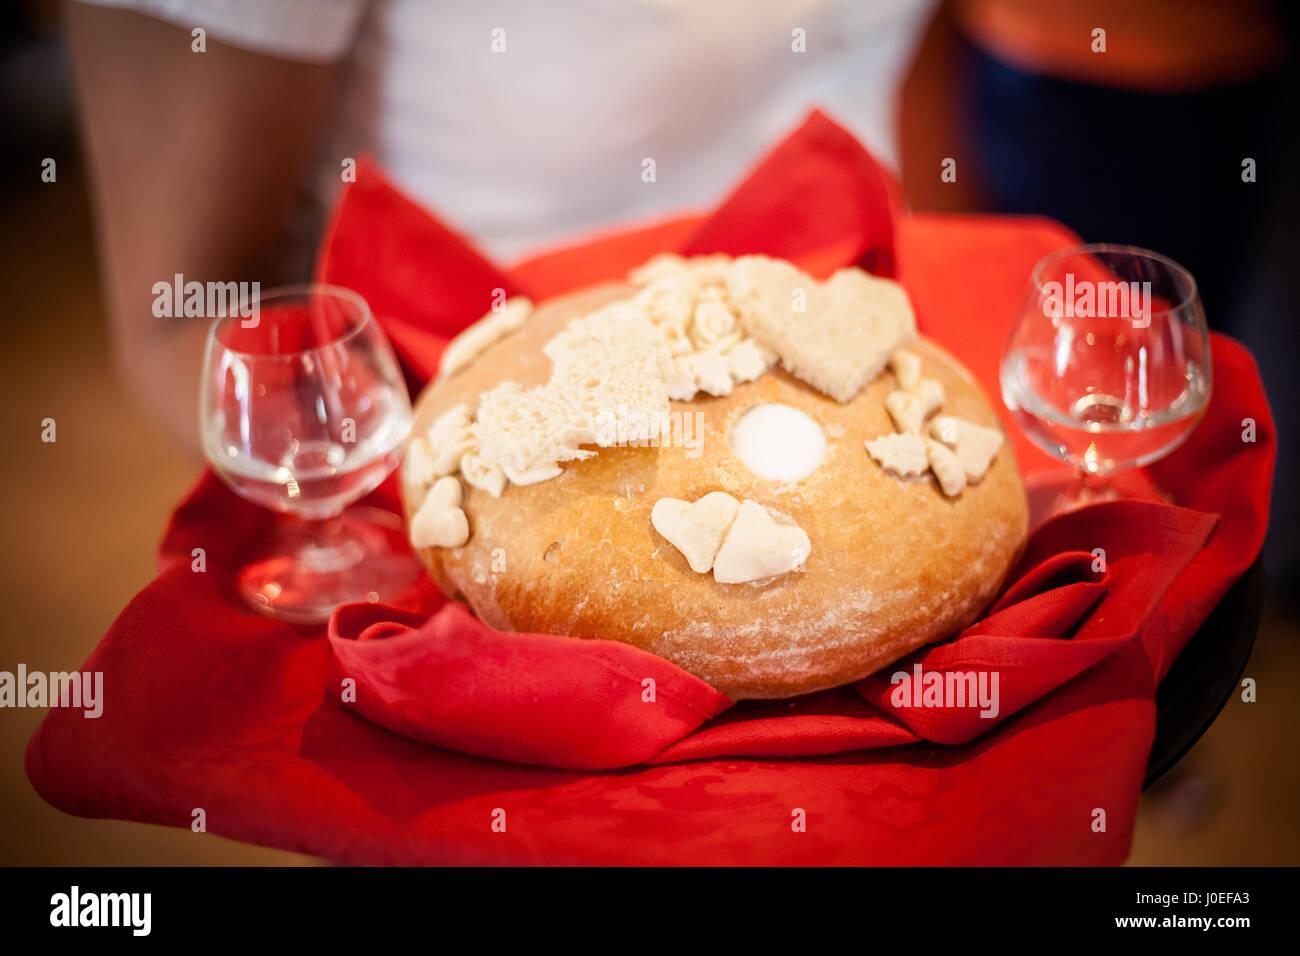 Brot und salz glückwünsche hochzeit